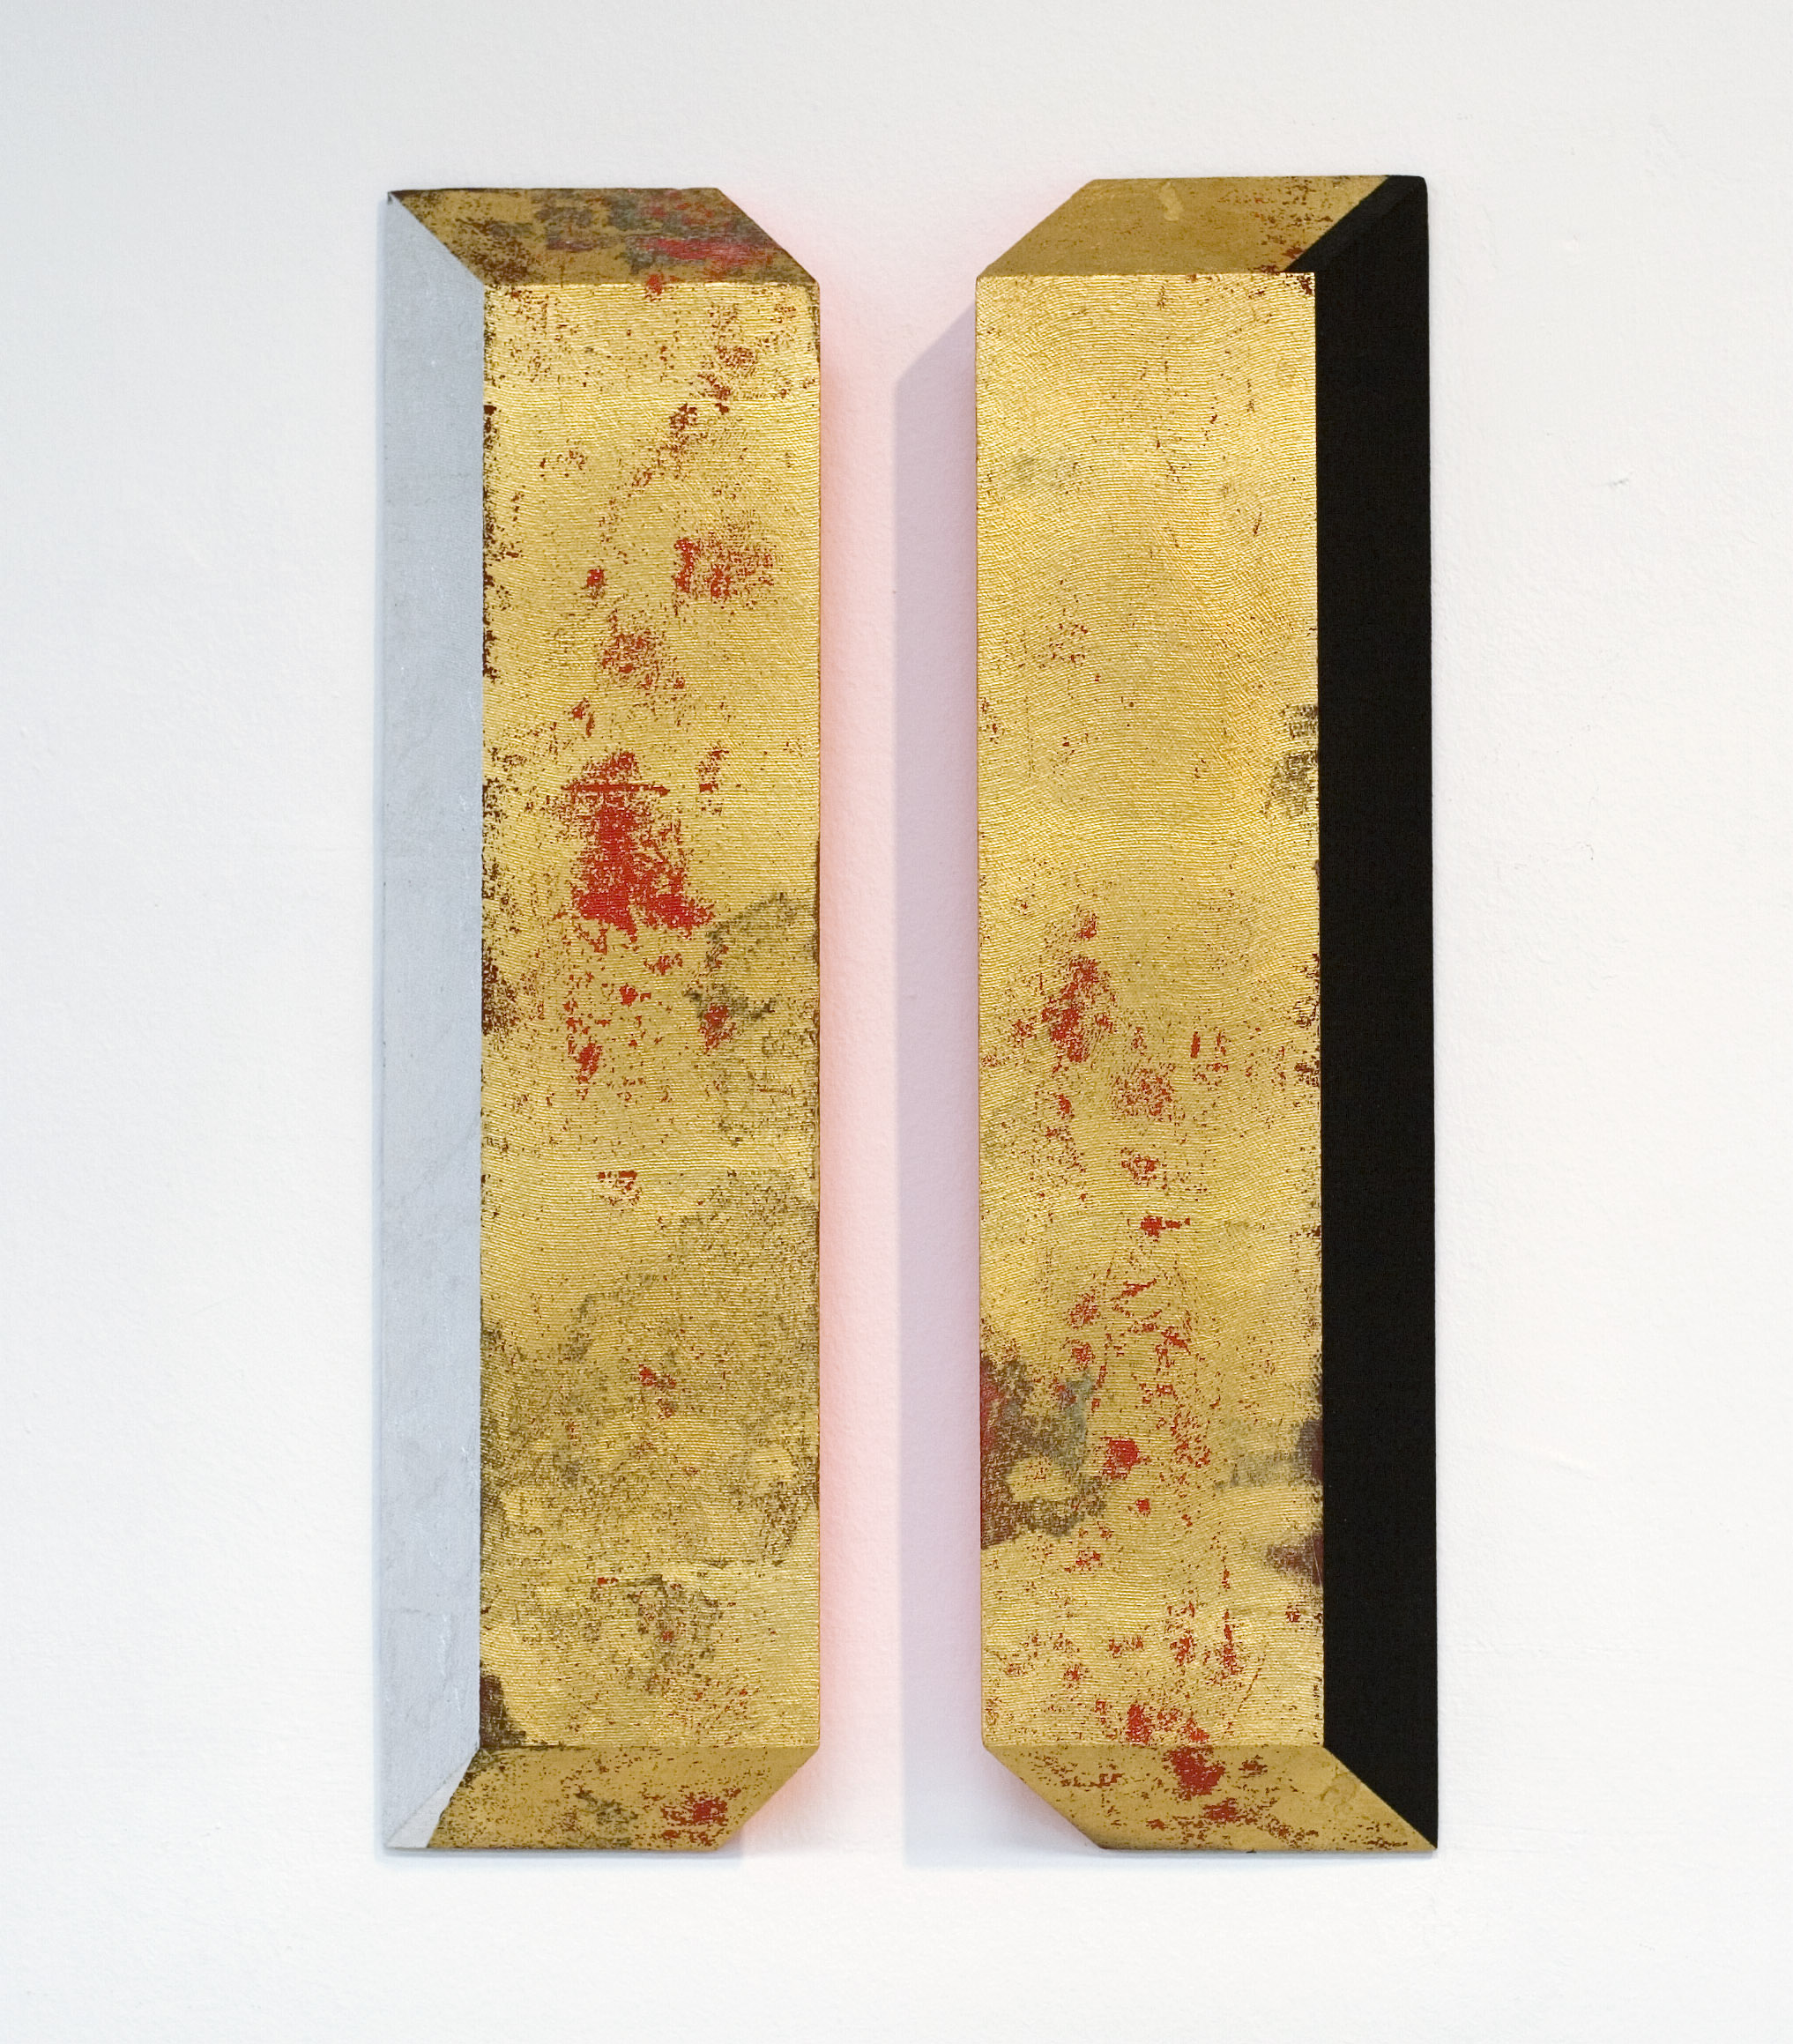 akril, medenina, aluminij, les, 20 x 70 cm, 2002